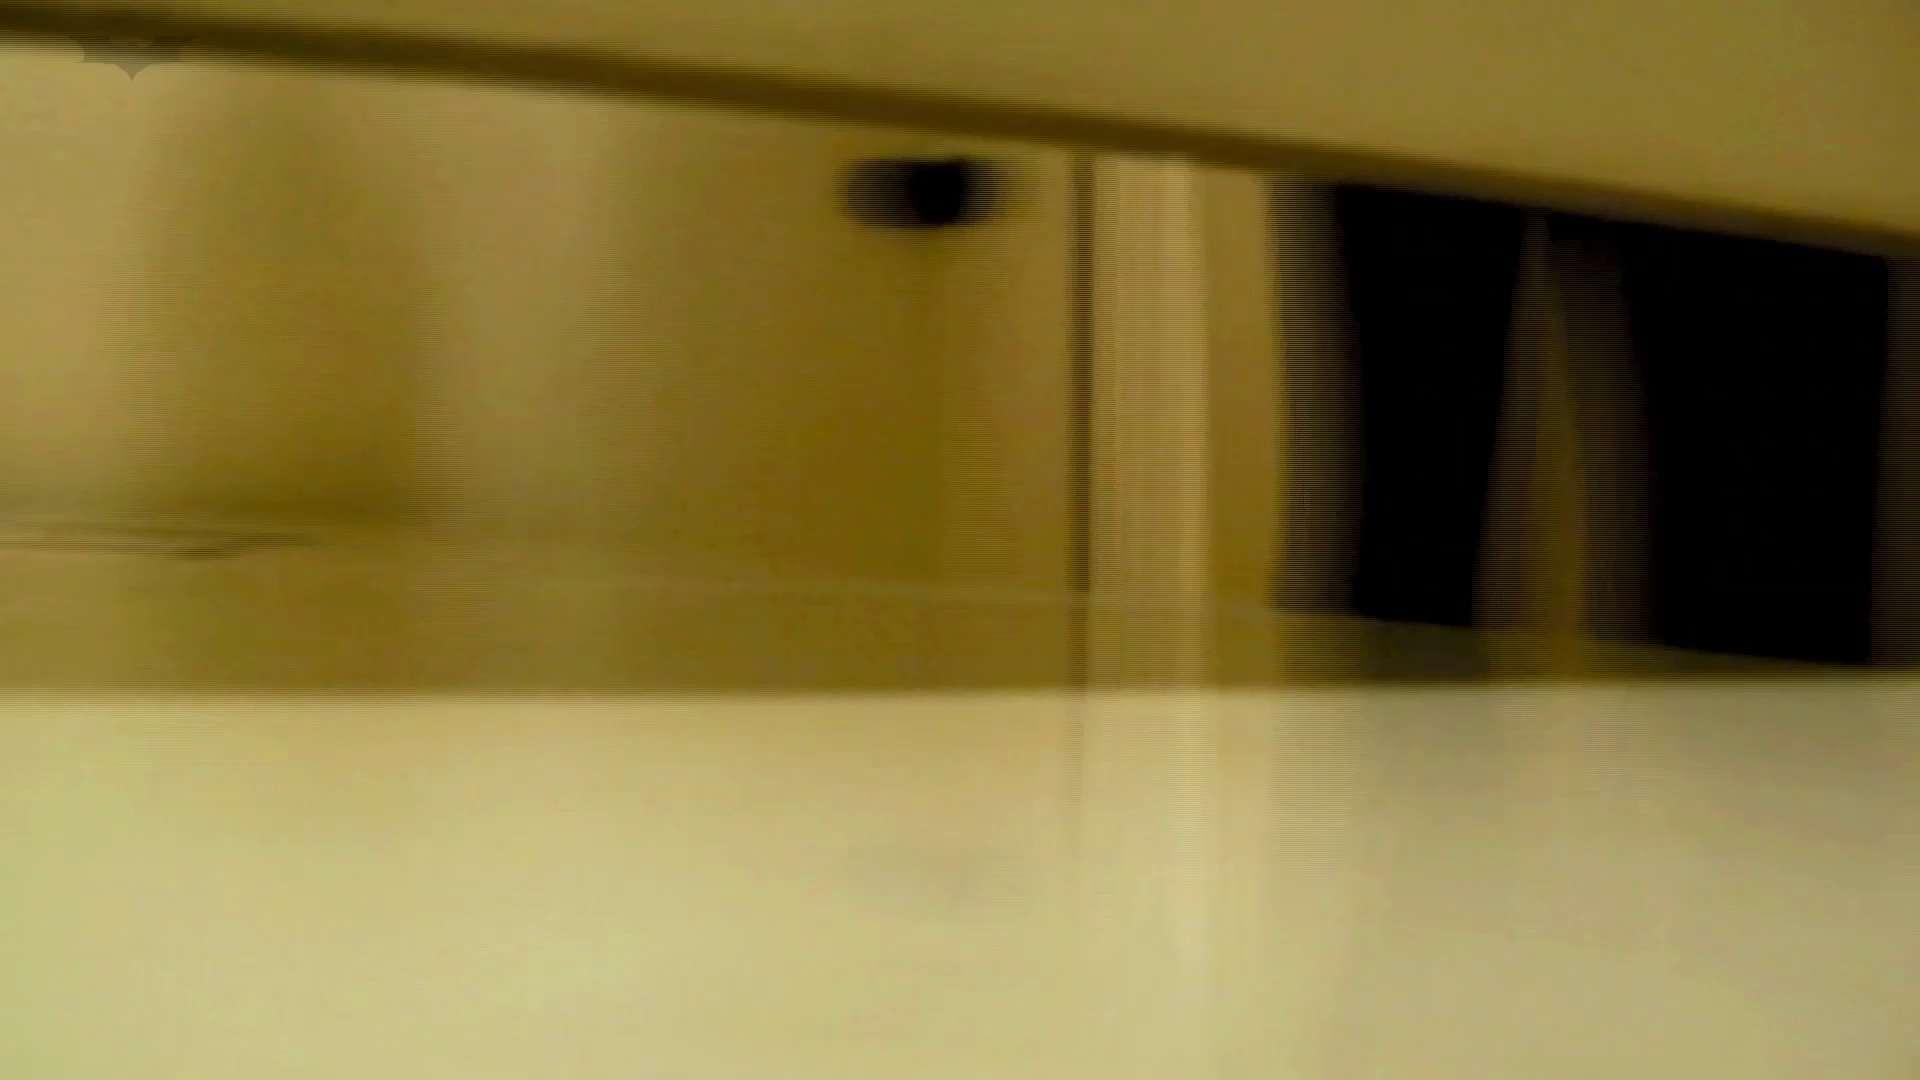 新世界の射窓 No78 トリンドル 玲奈似登場シリーズ美女率最高作! 高画質  89PIX 30